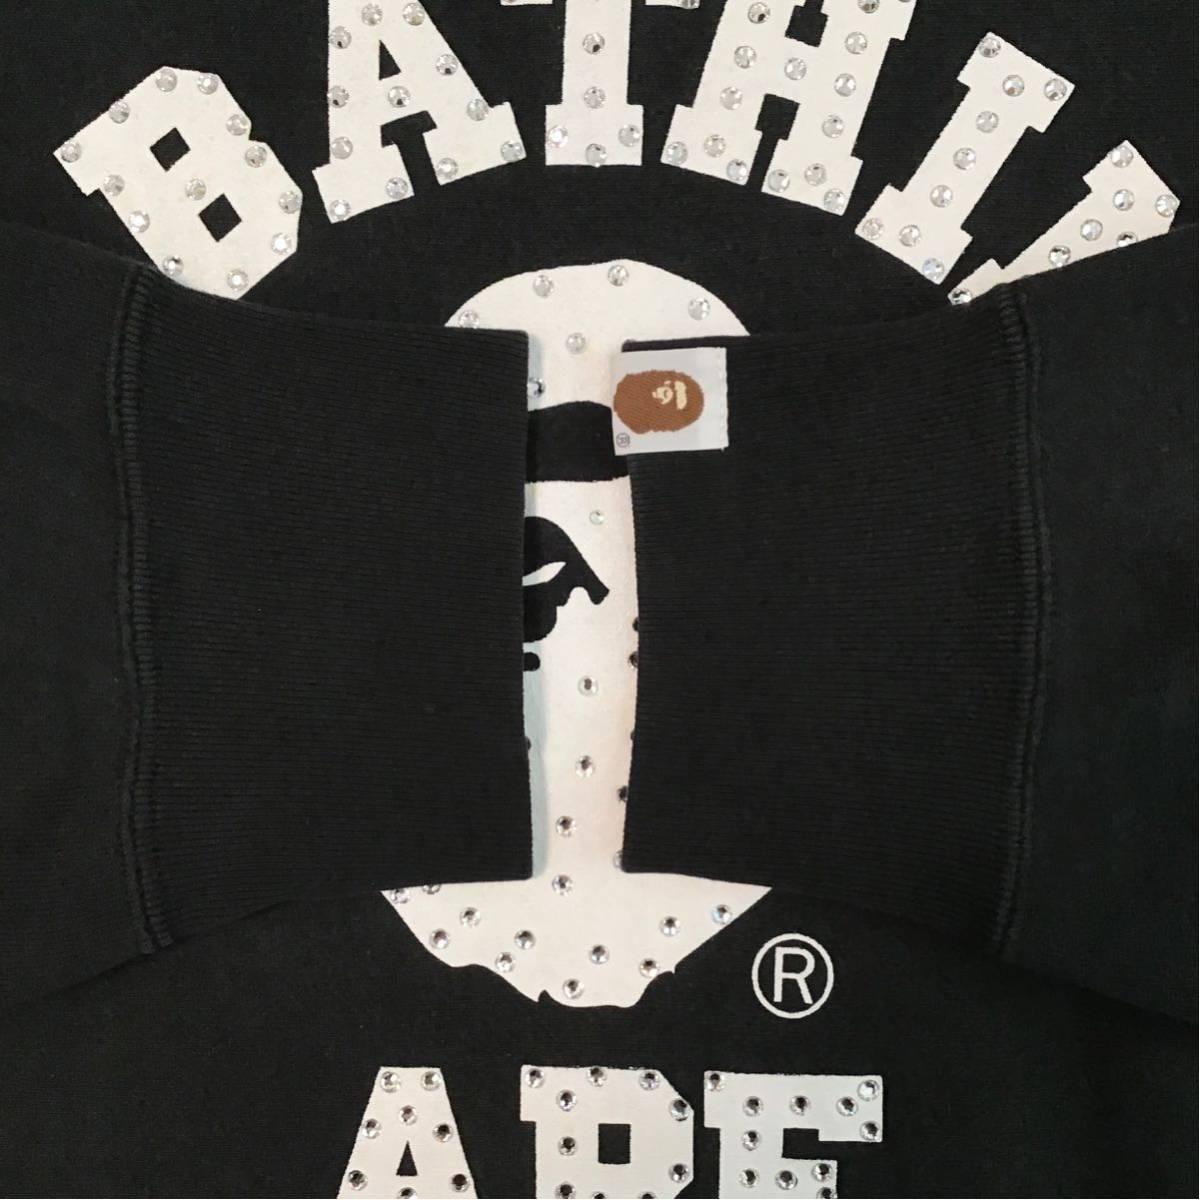 スワロフスキー カレッジロゴ スウェット Lサイズ a bathing ape bape swarovski エイプ ベイプ アベイシングエイプ ラインストーン 6325